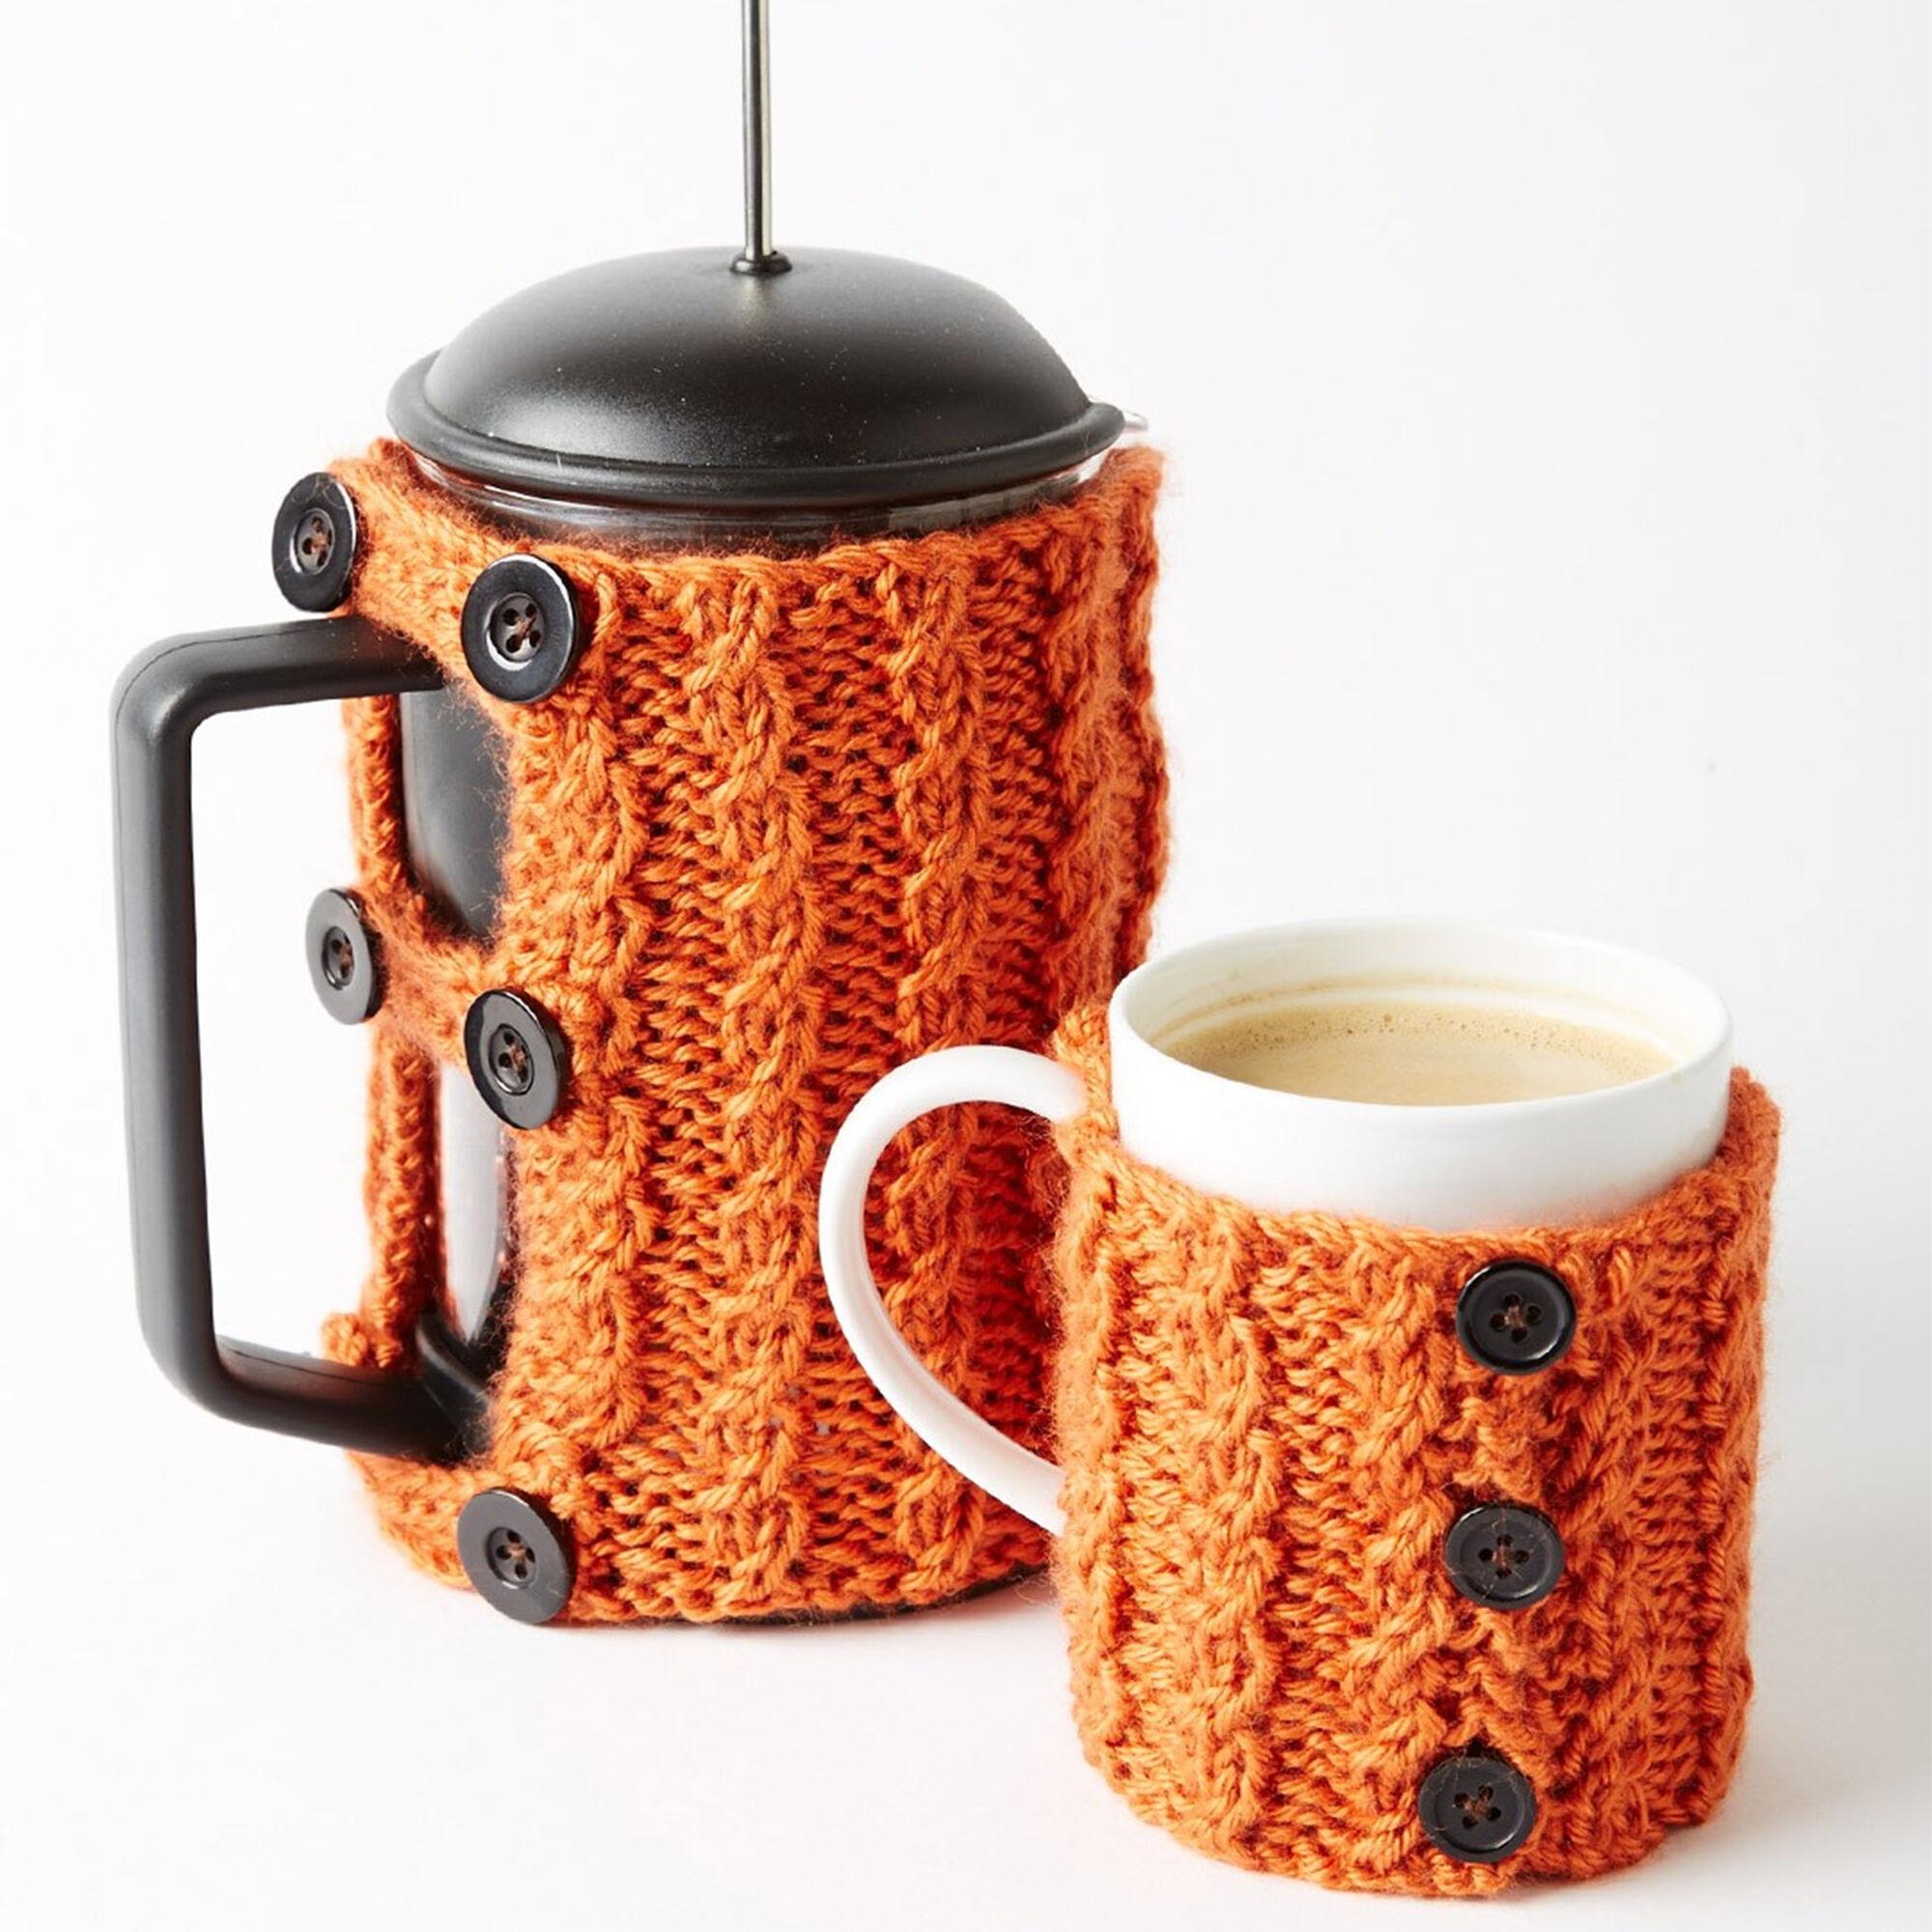 Caron Coffee Press And Mug Cozies | Yarnspirations